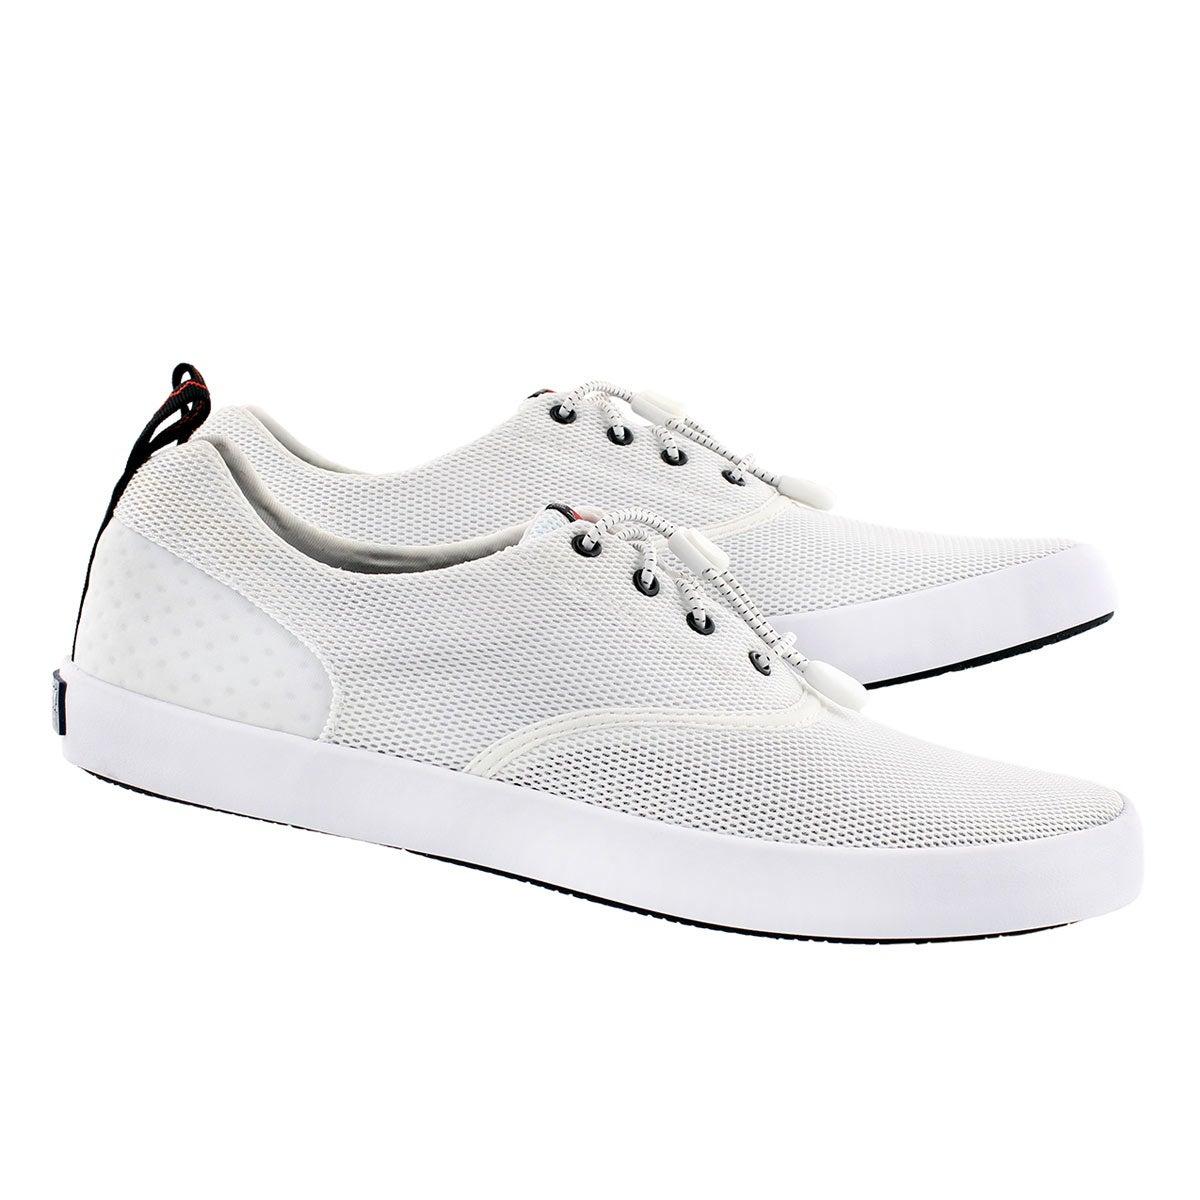 Mns Flex Deck white CVO sneaker